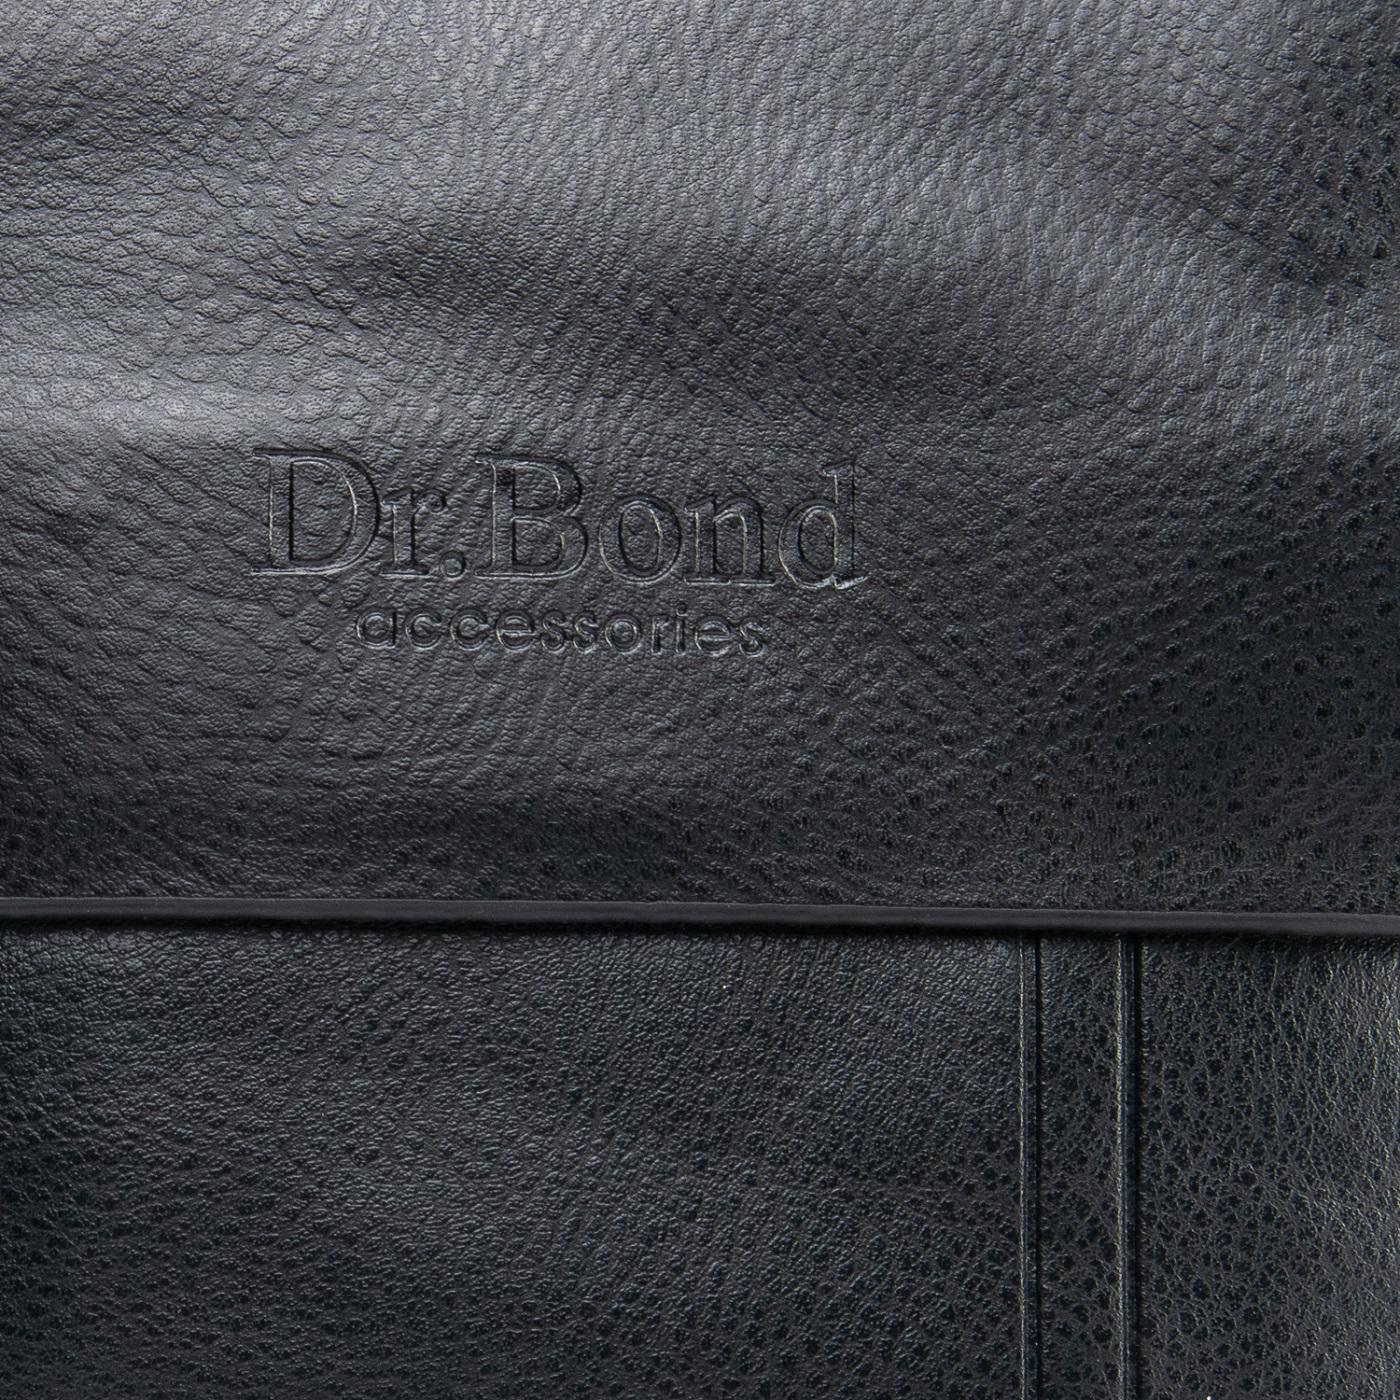 Сумка Мужская Планшет иск-кожа DR. BOND GL 210-1 black - фото 3